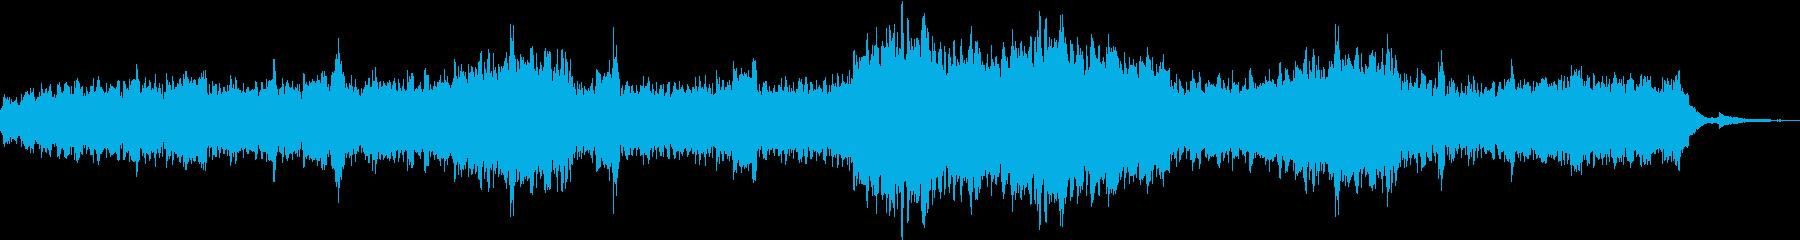 煌びやかで幻想的なピアノソロの再生済みの波形